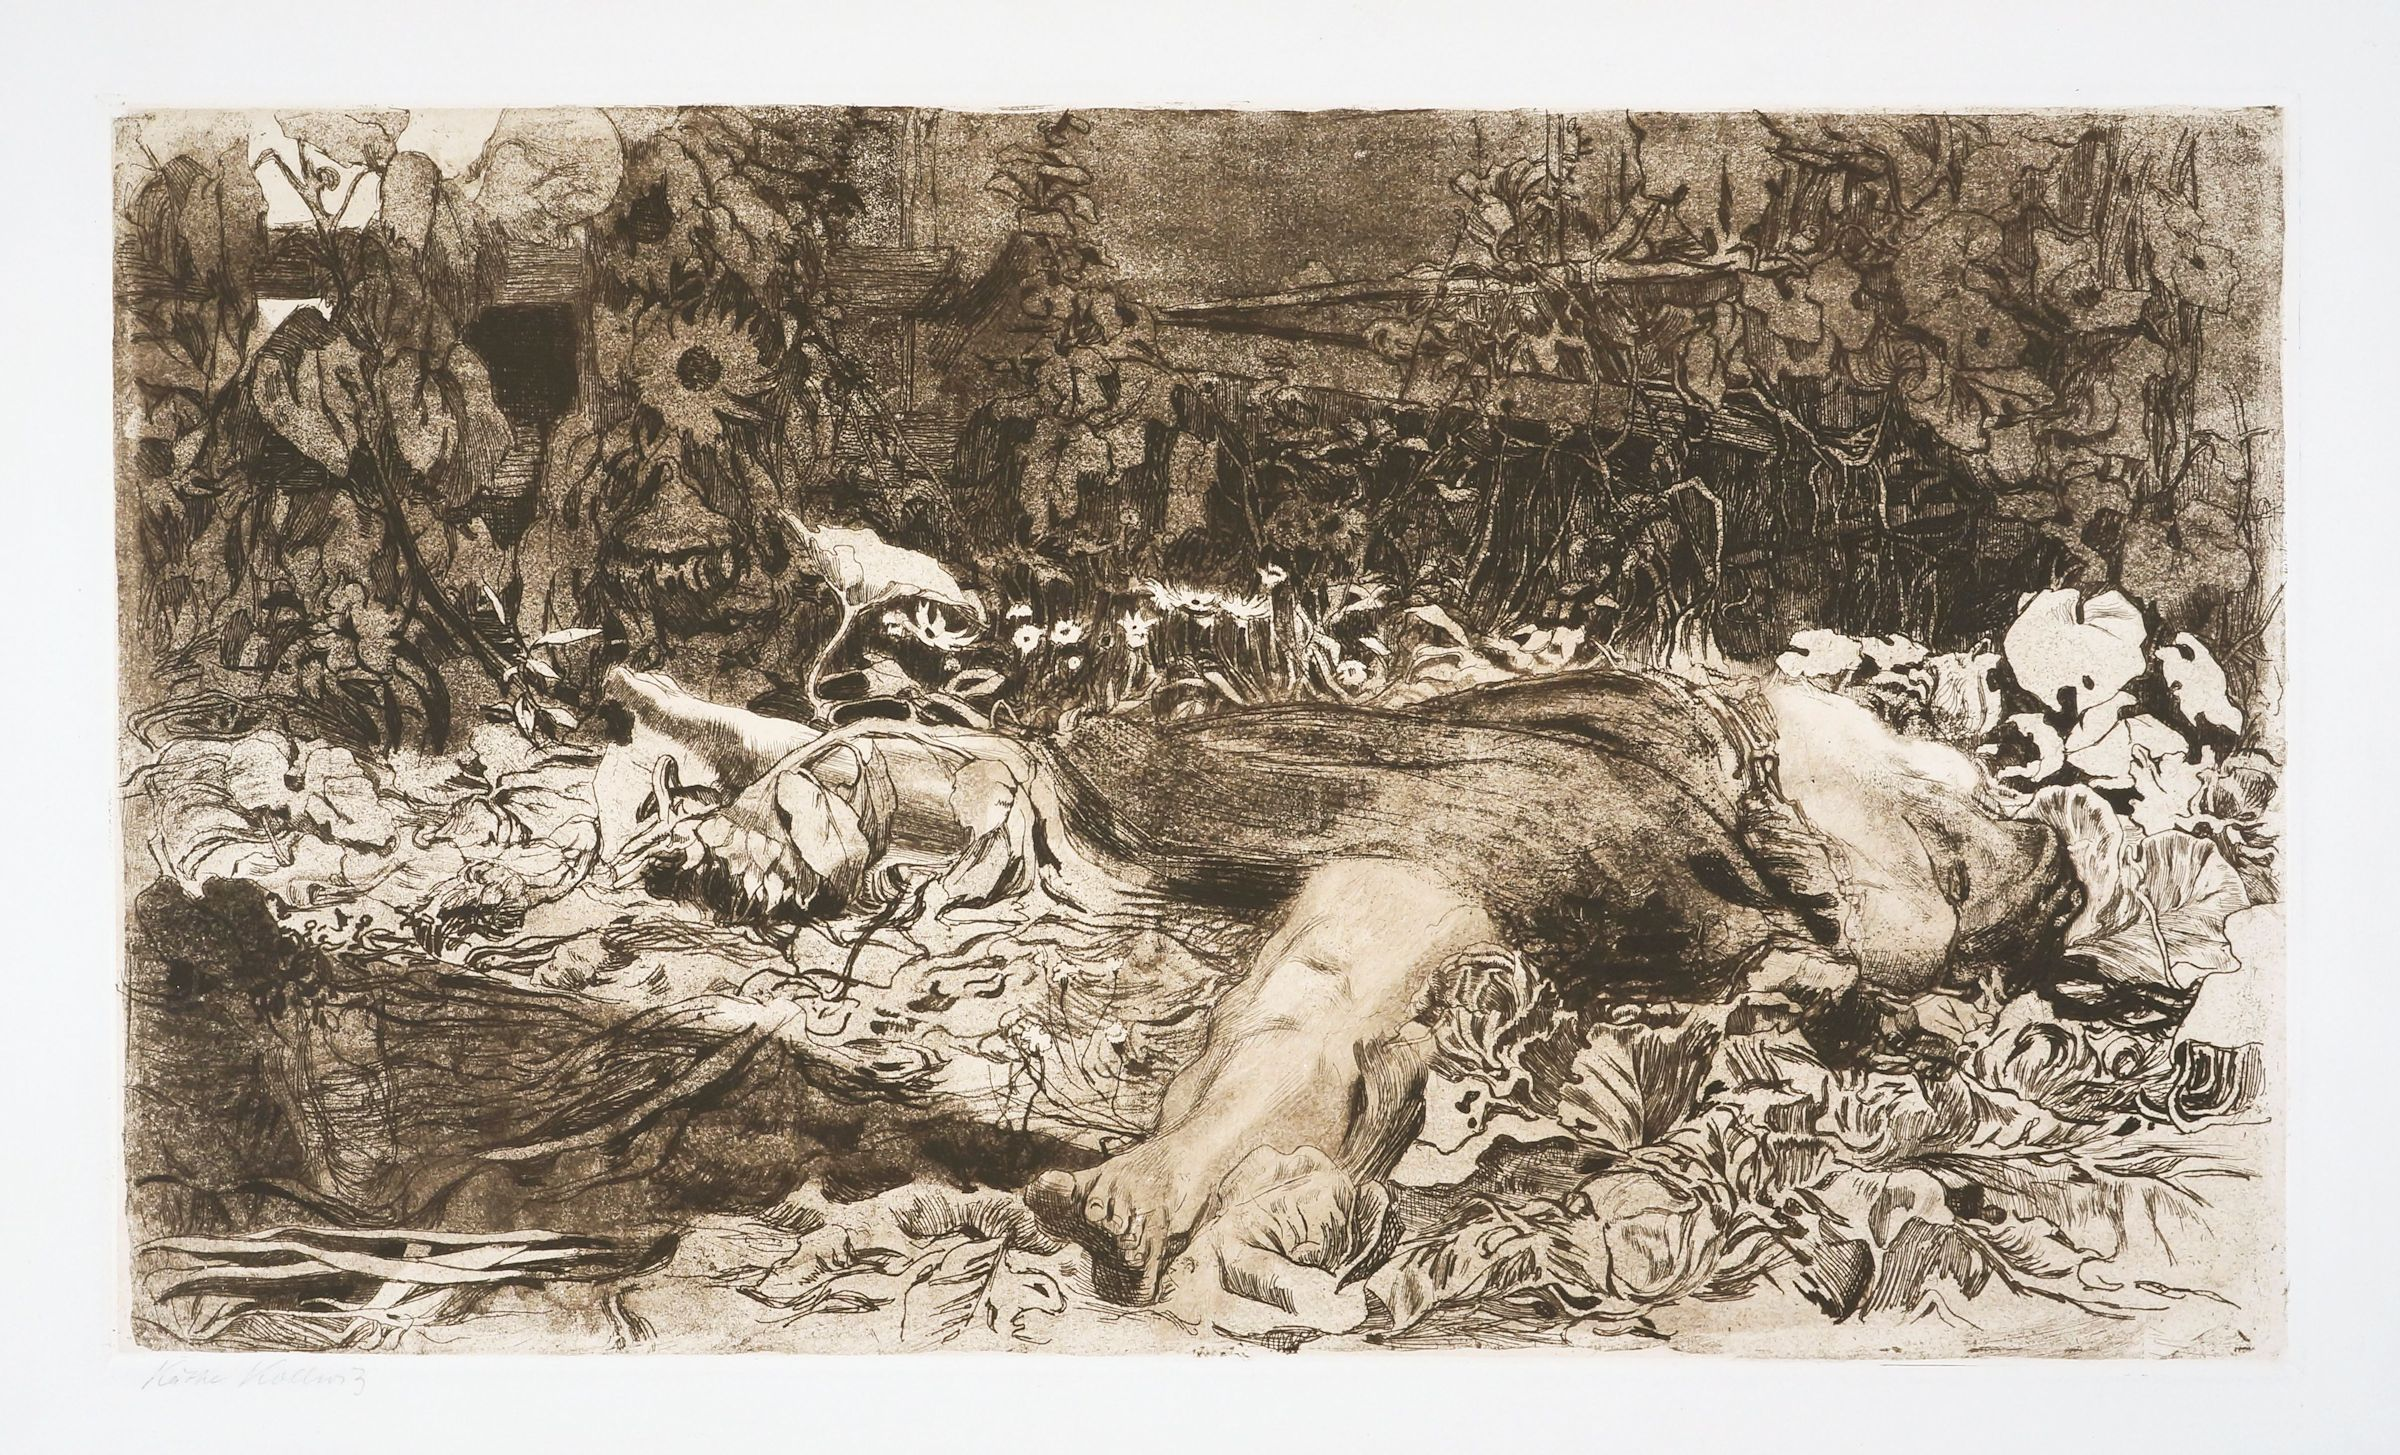 Deborah feller artist deborahfeller raped vergewaltigt 190708 etching on heavy cream wove paper fandeluxe Choice Image